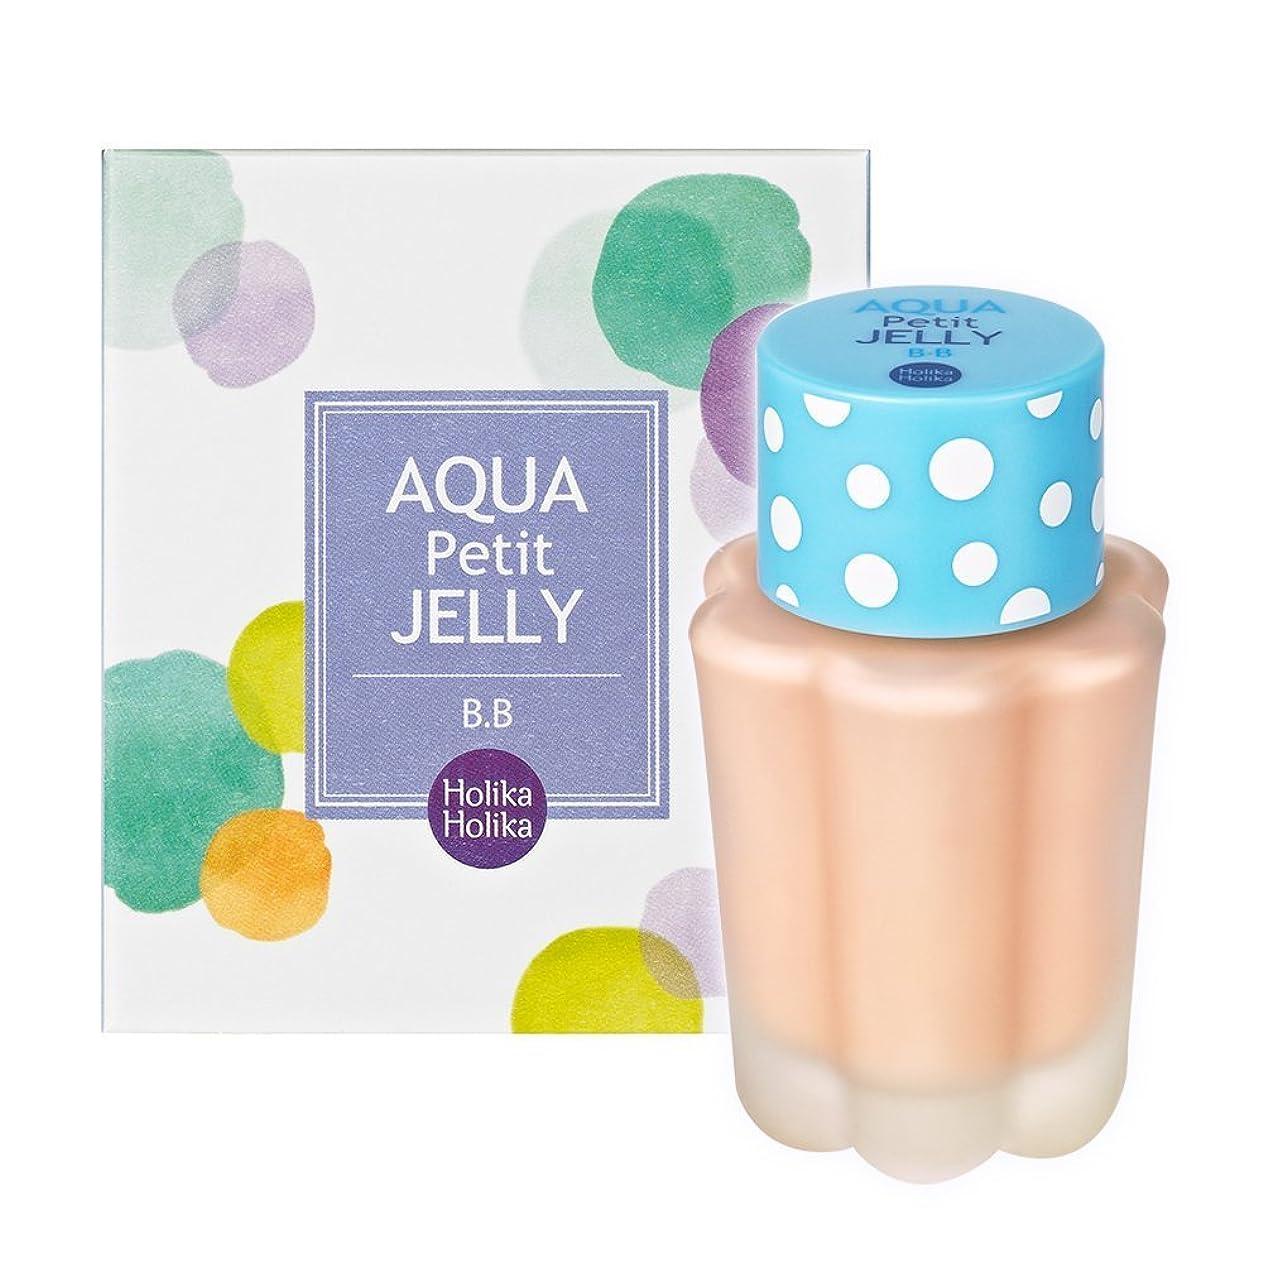 延ばすアルネ写真を描くHolika Holika ホリカホリカ アクア?プチ?ゼリー?ビービー?クリーム 40ml #2 (Aqua Petit jelly BB Cream) 海外直送品